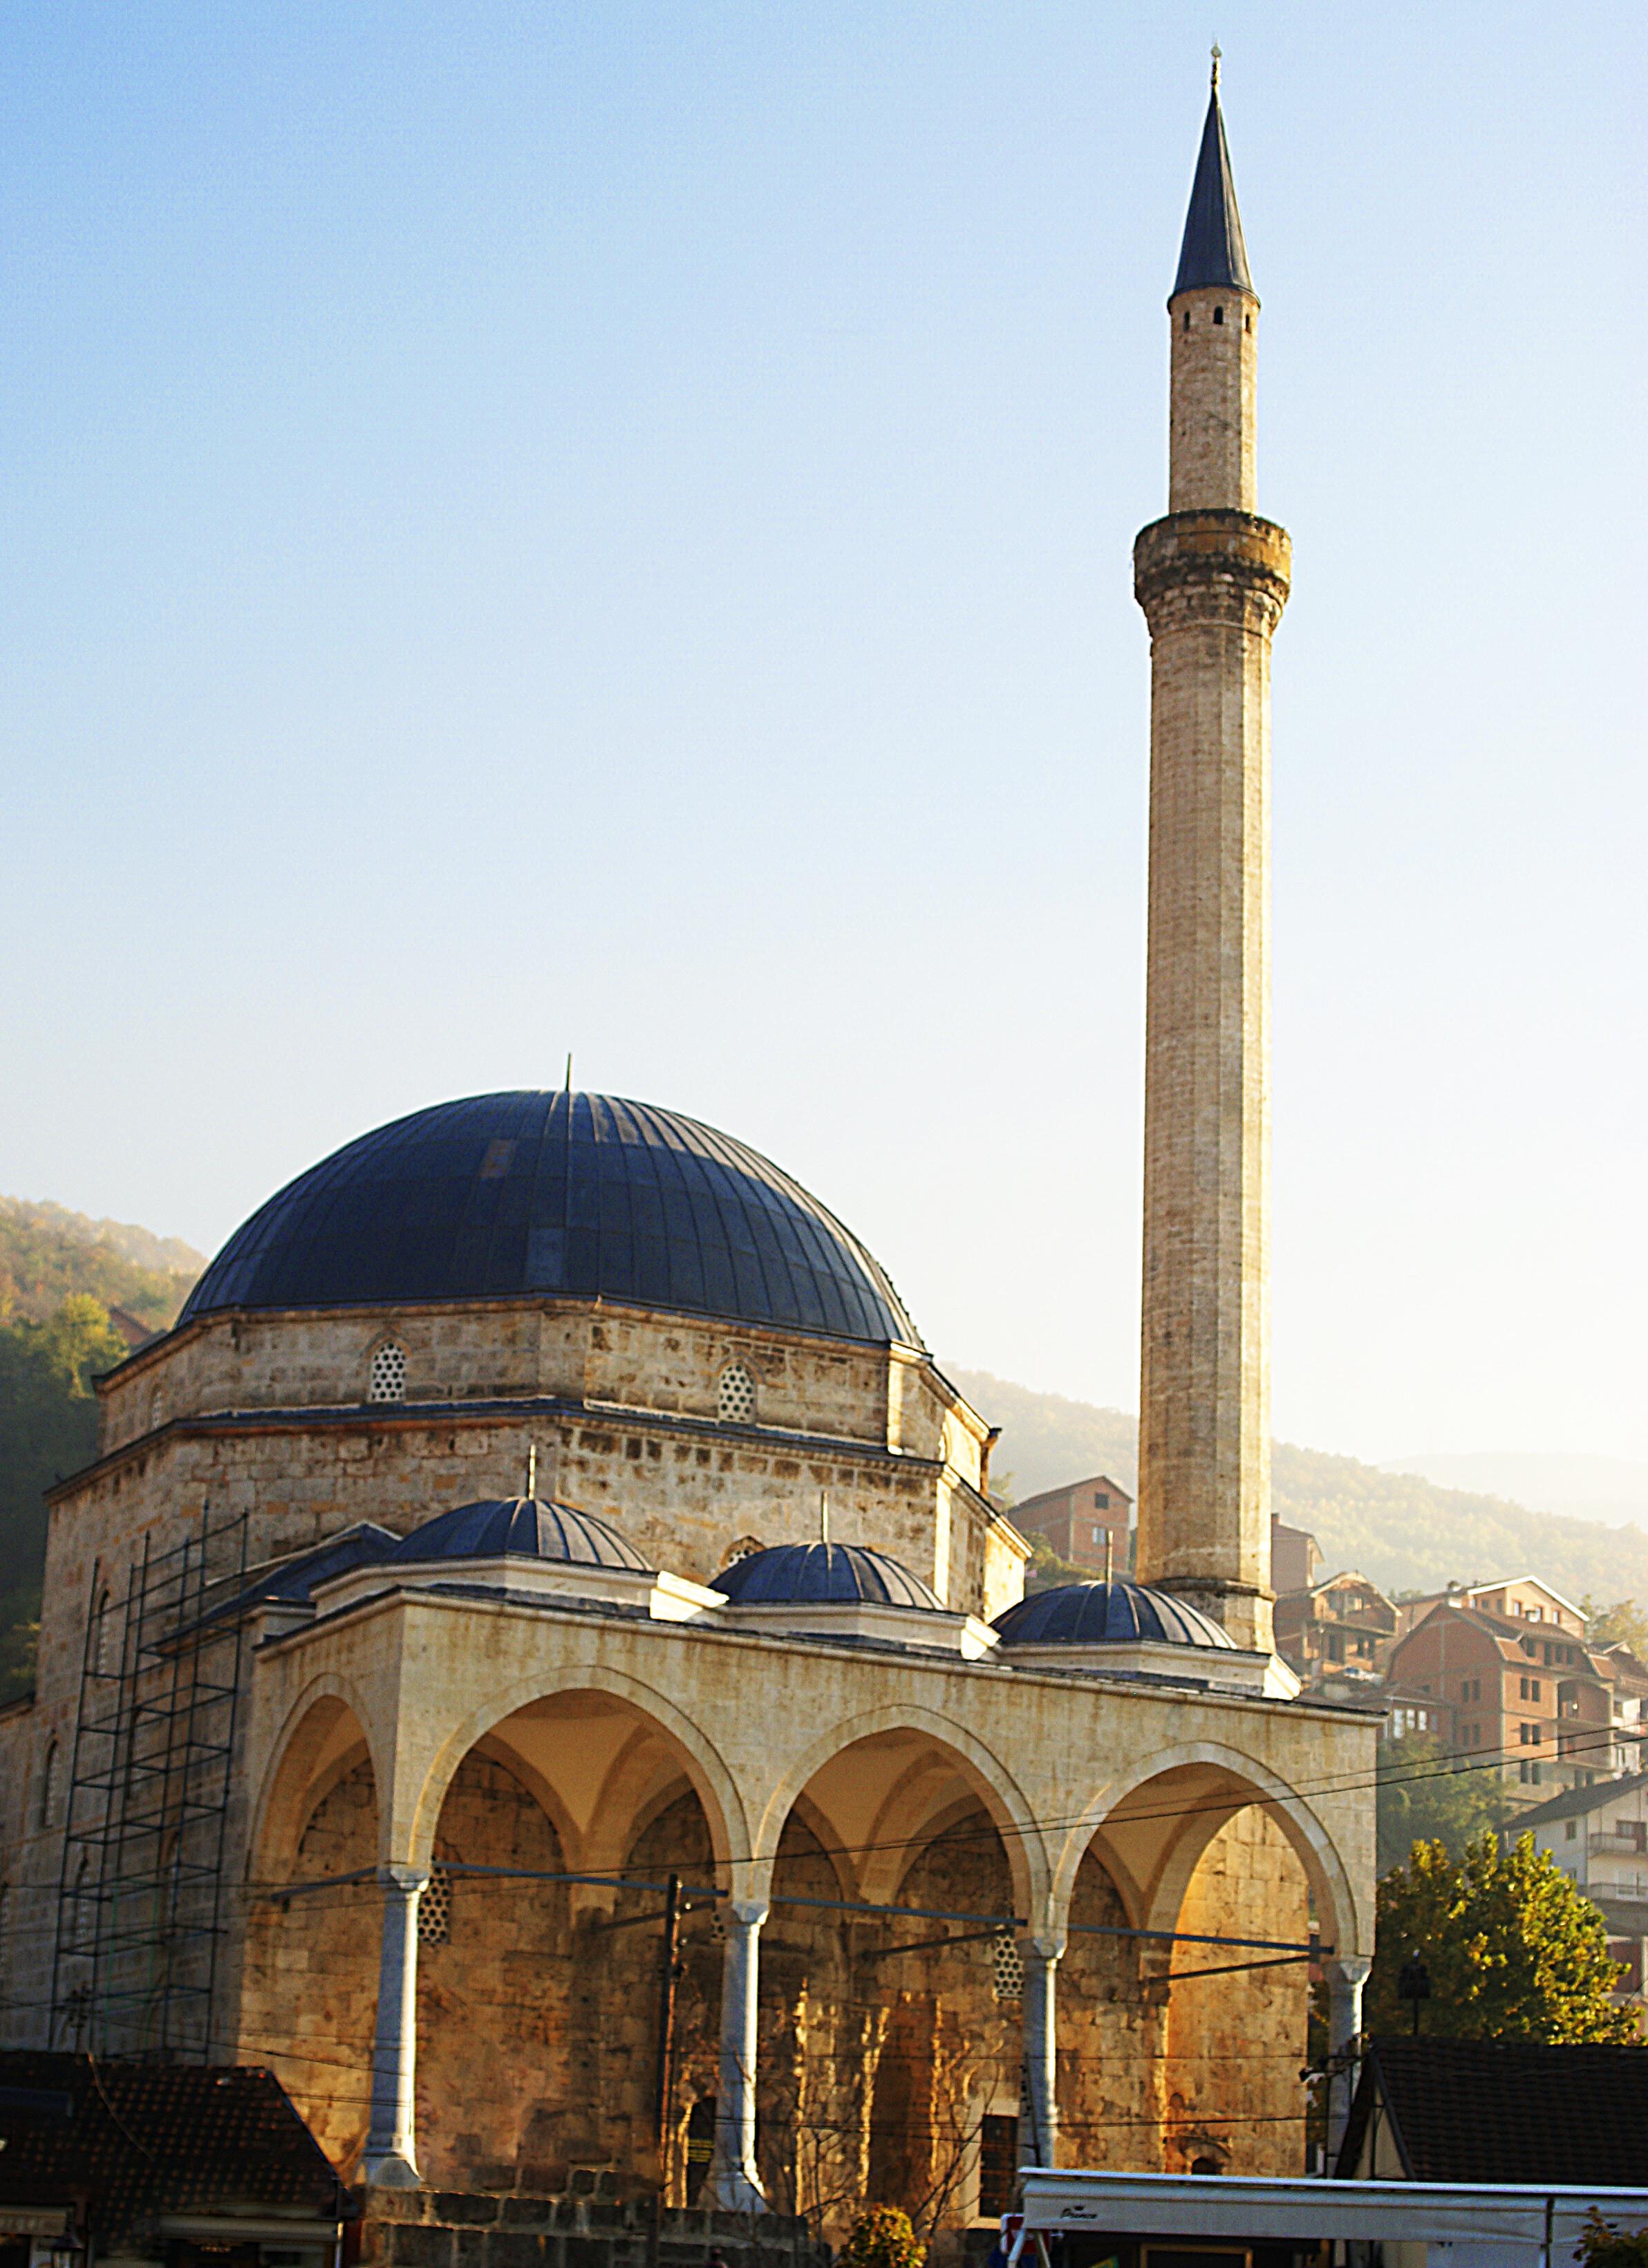 Beispiel osmanischer Architektur im Kosovo: die Sinan-Pascha-Moschee von 1615 in Prizren